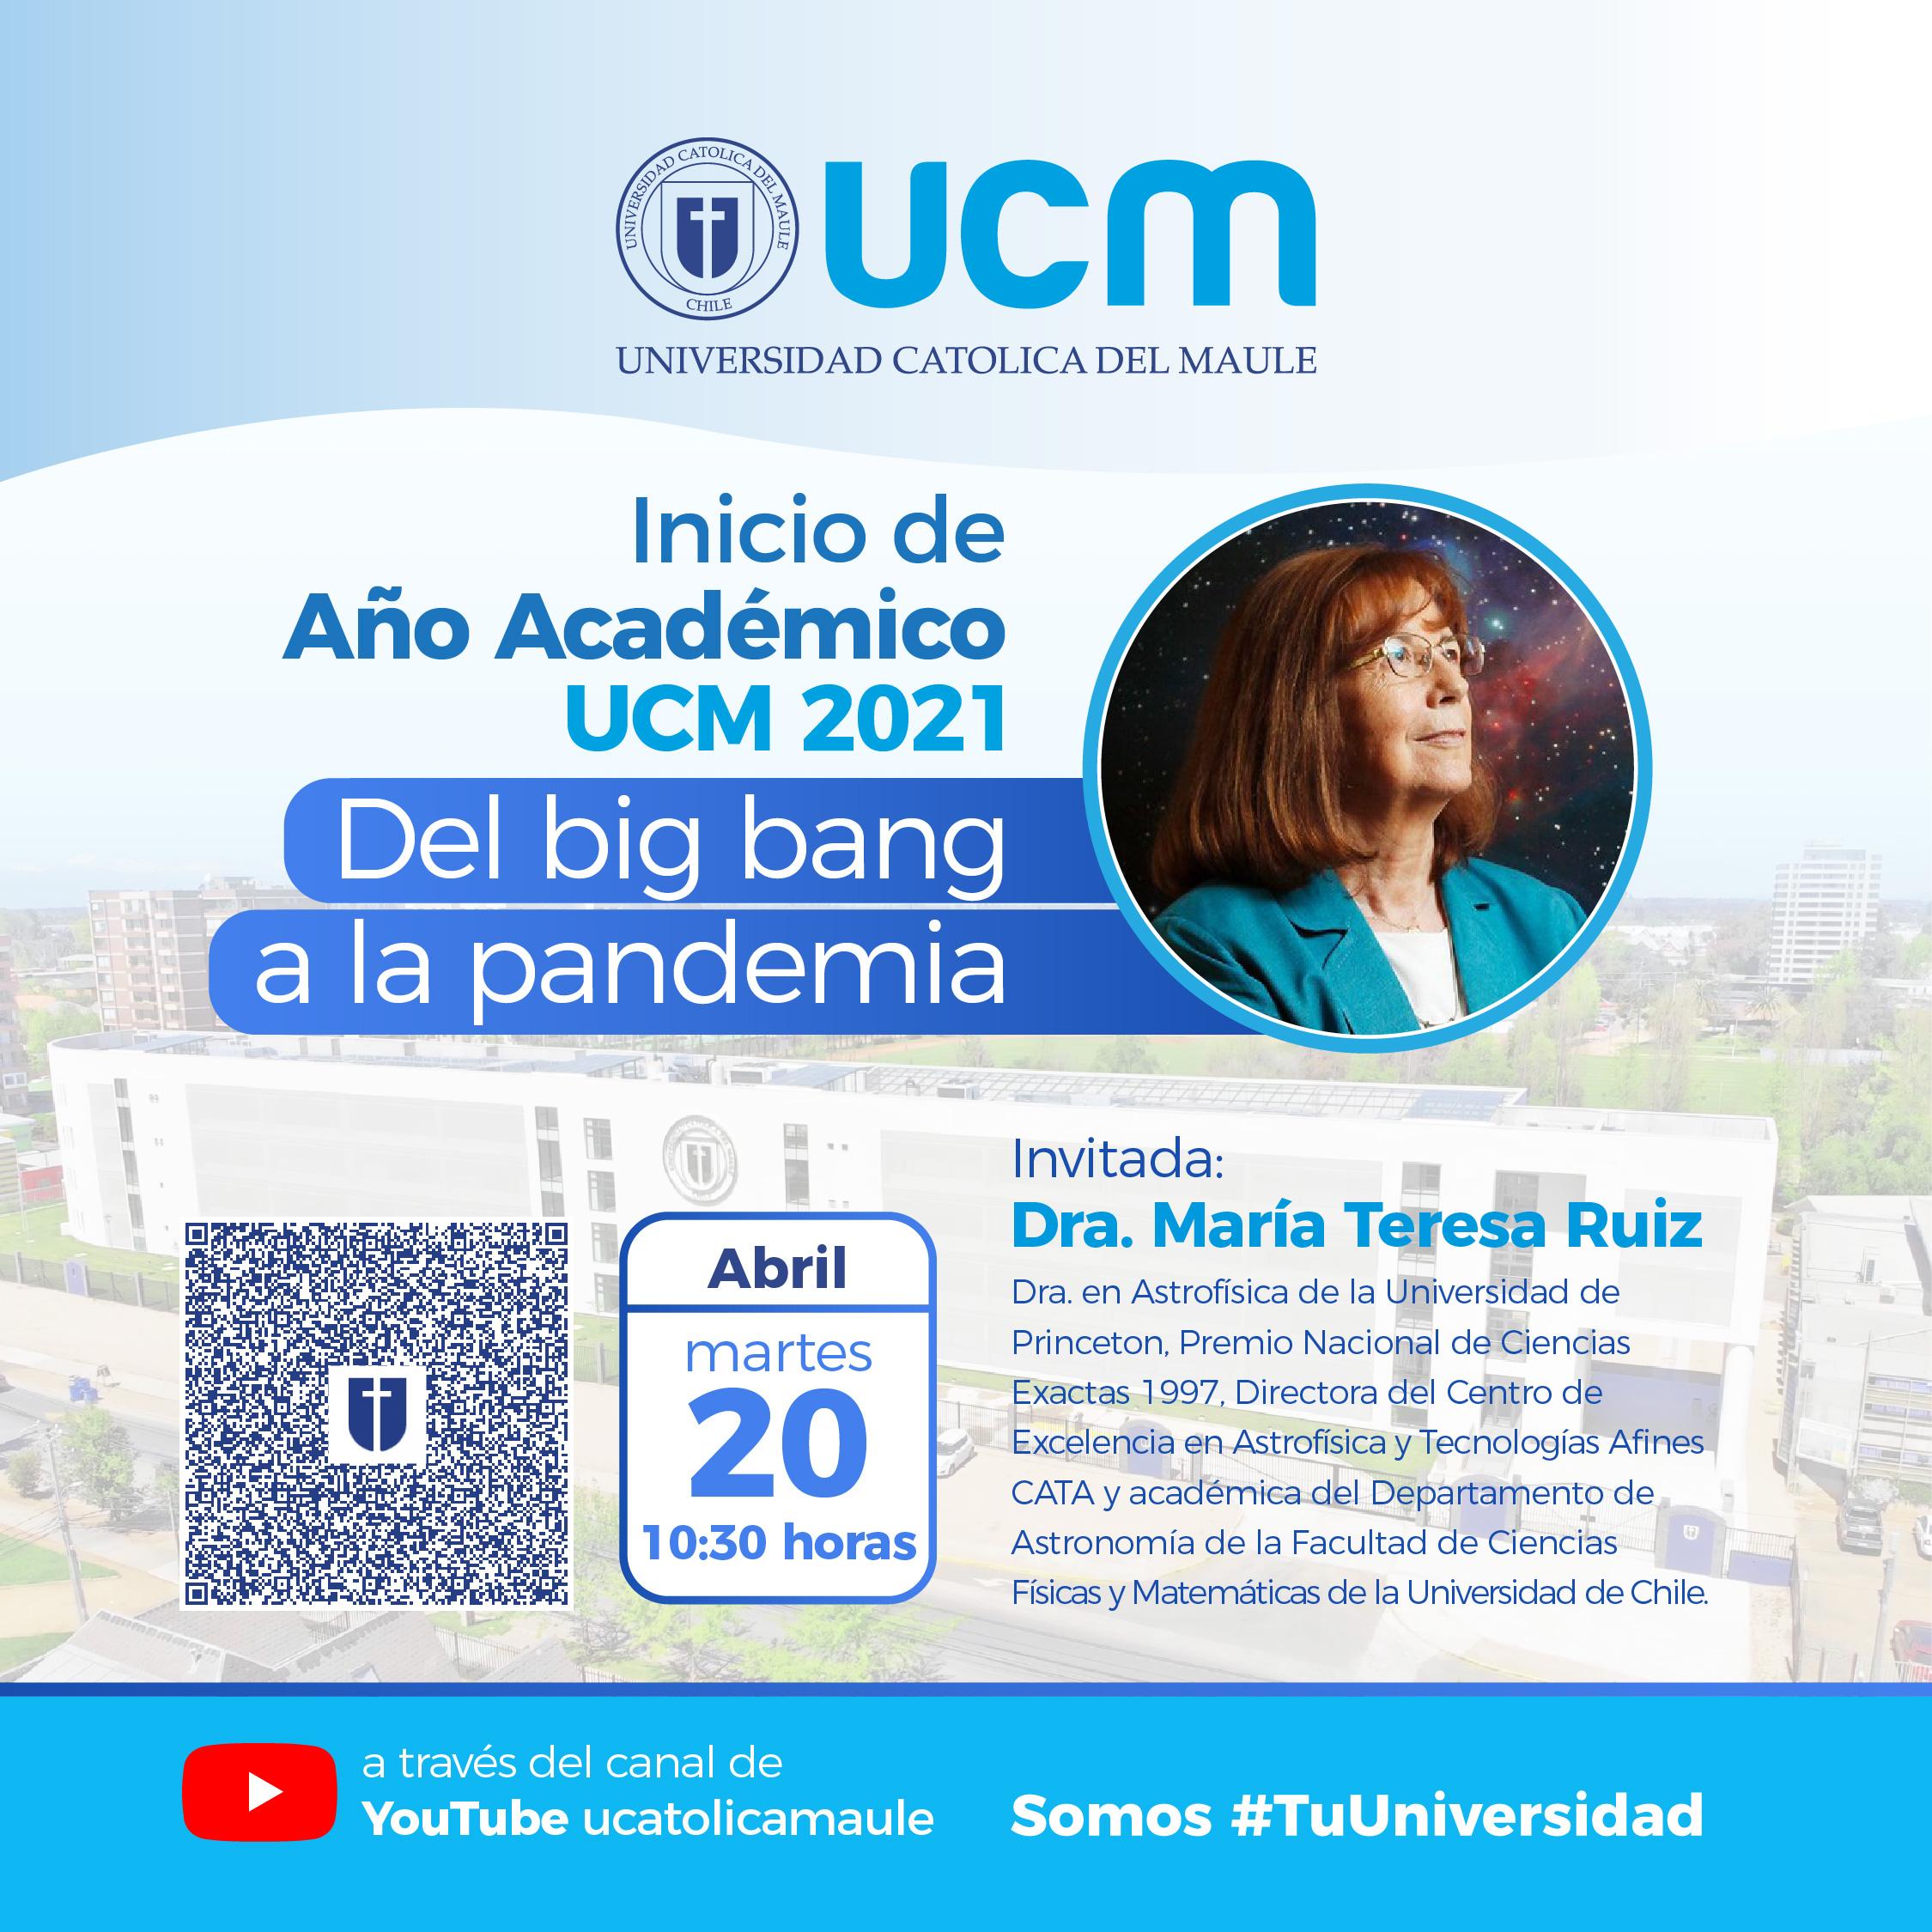 Destacada astrónoma Teresa Ruiz inaugurará año académico 2021 en la U. Católica del Maule